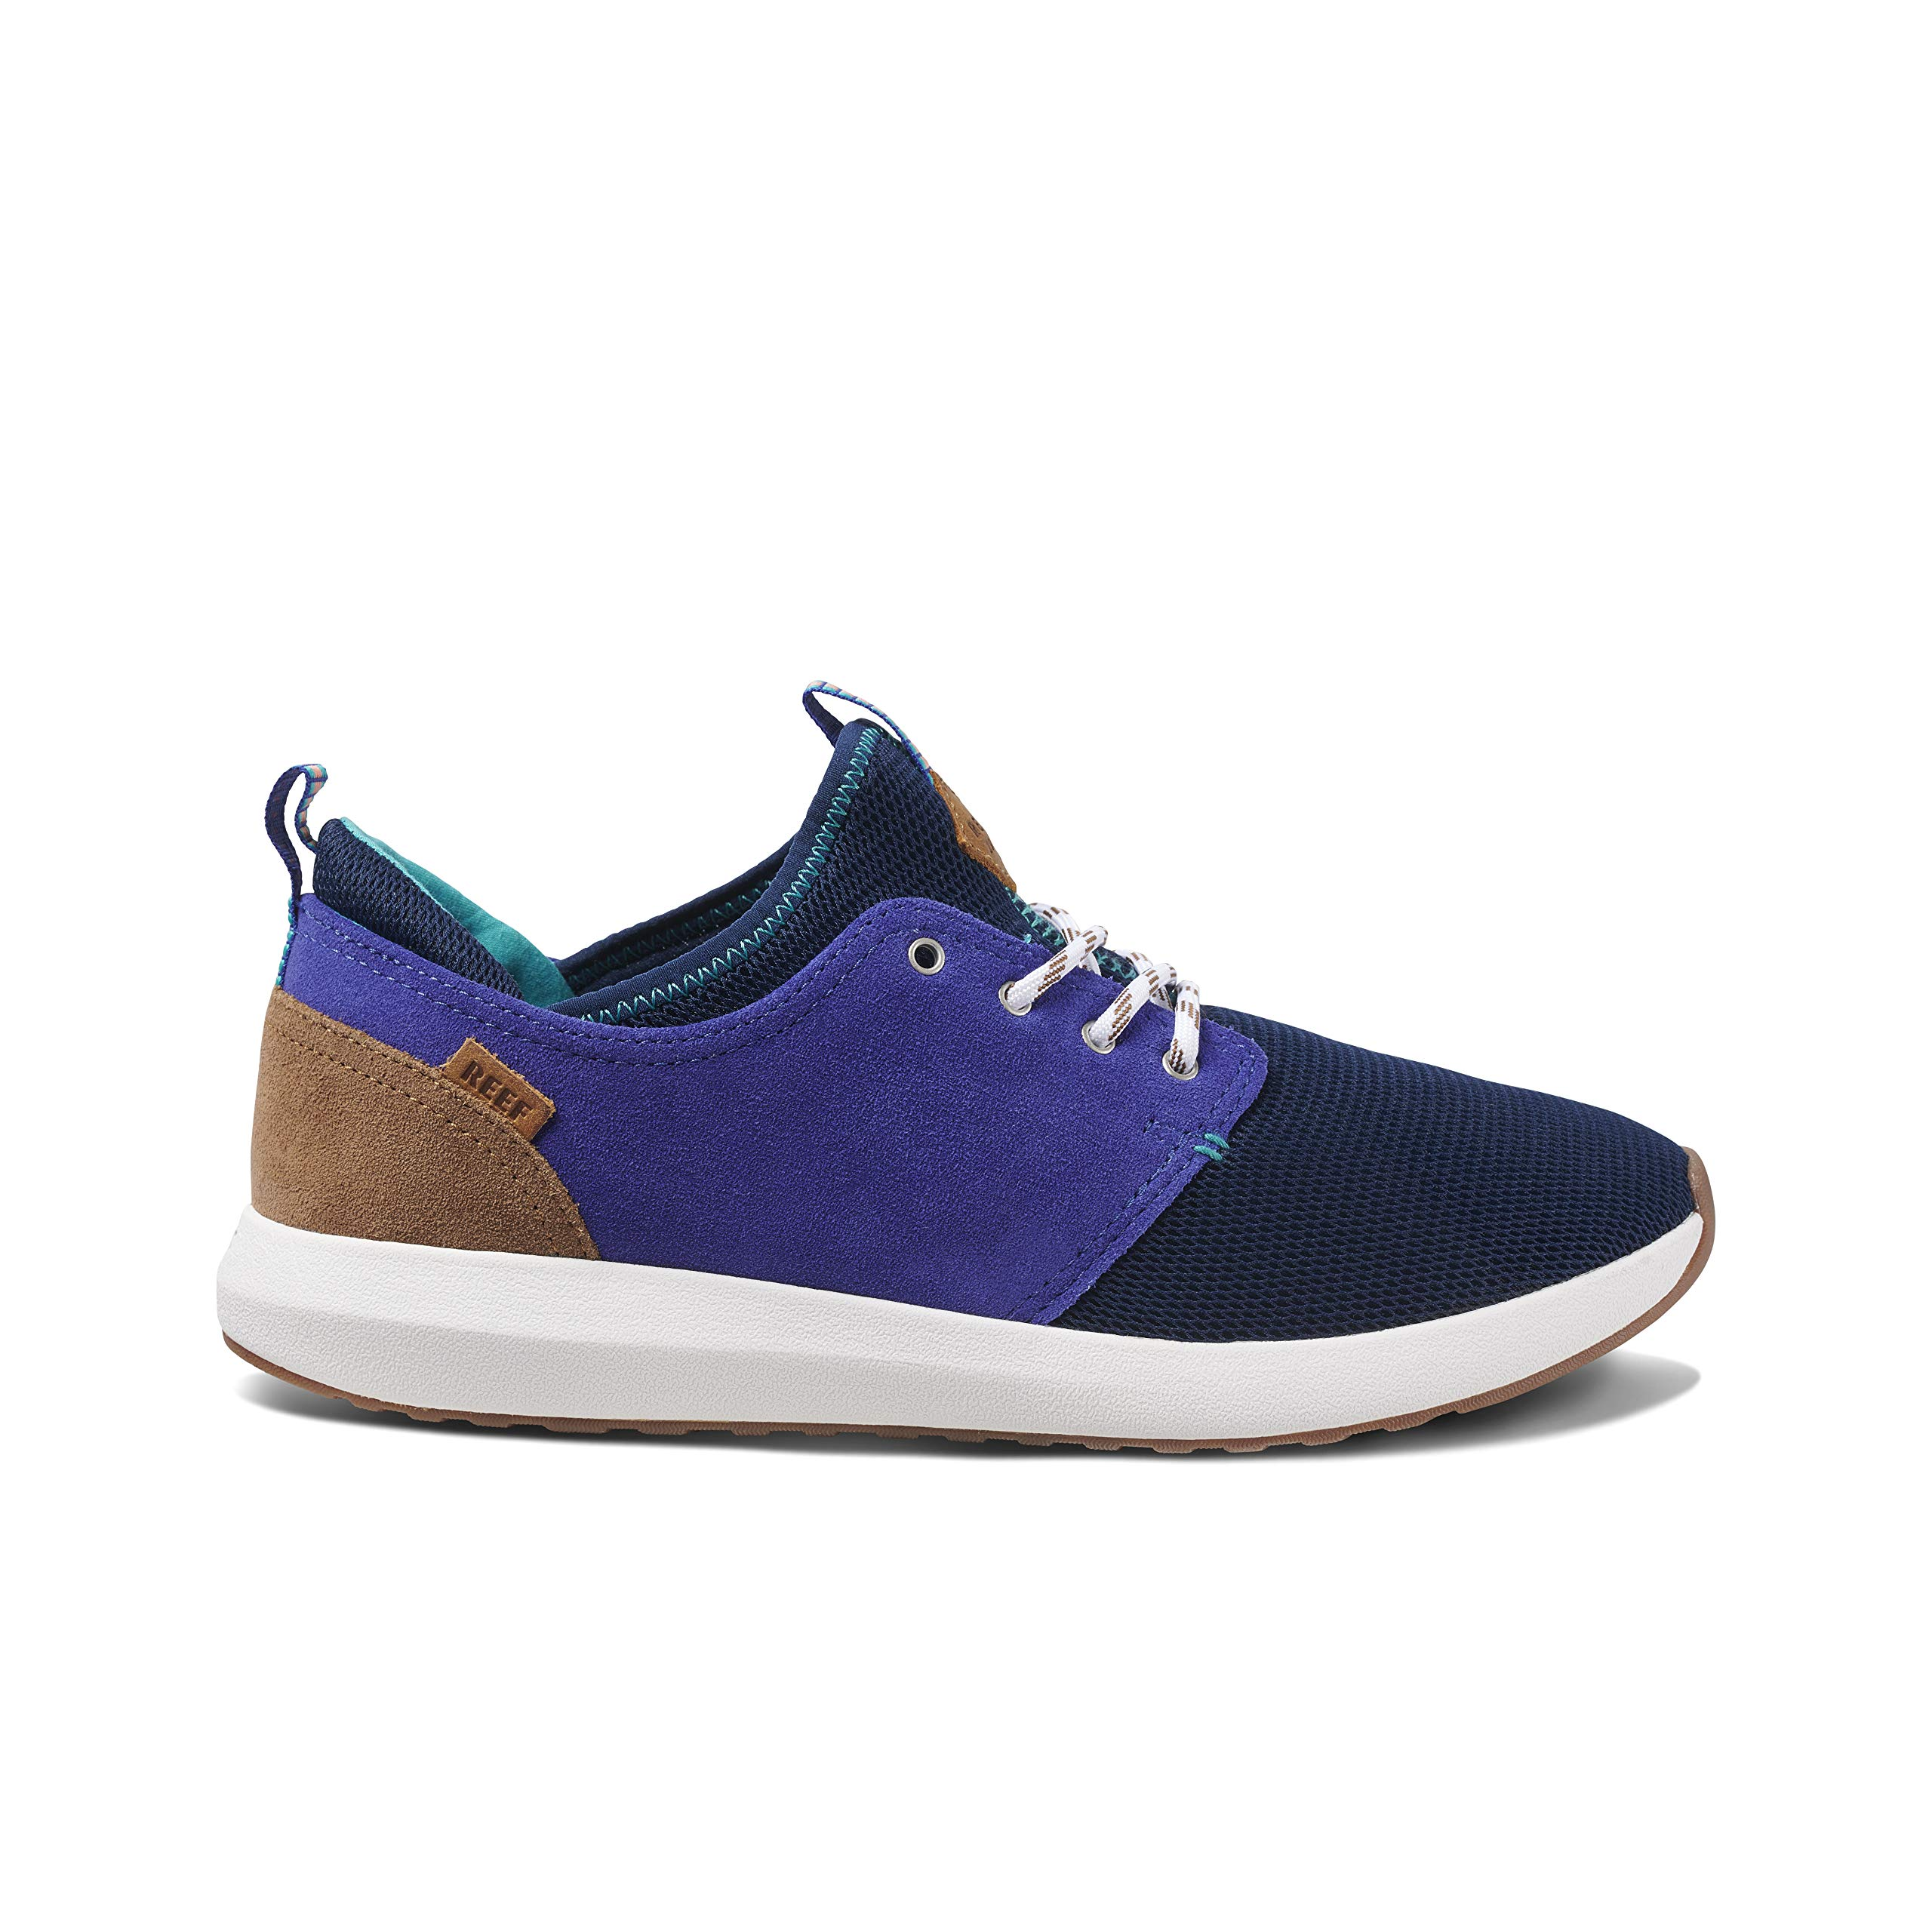 Reef Men's Cruiser Sneakers, Ocean/Mid Blue, 9.5